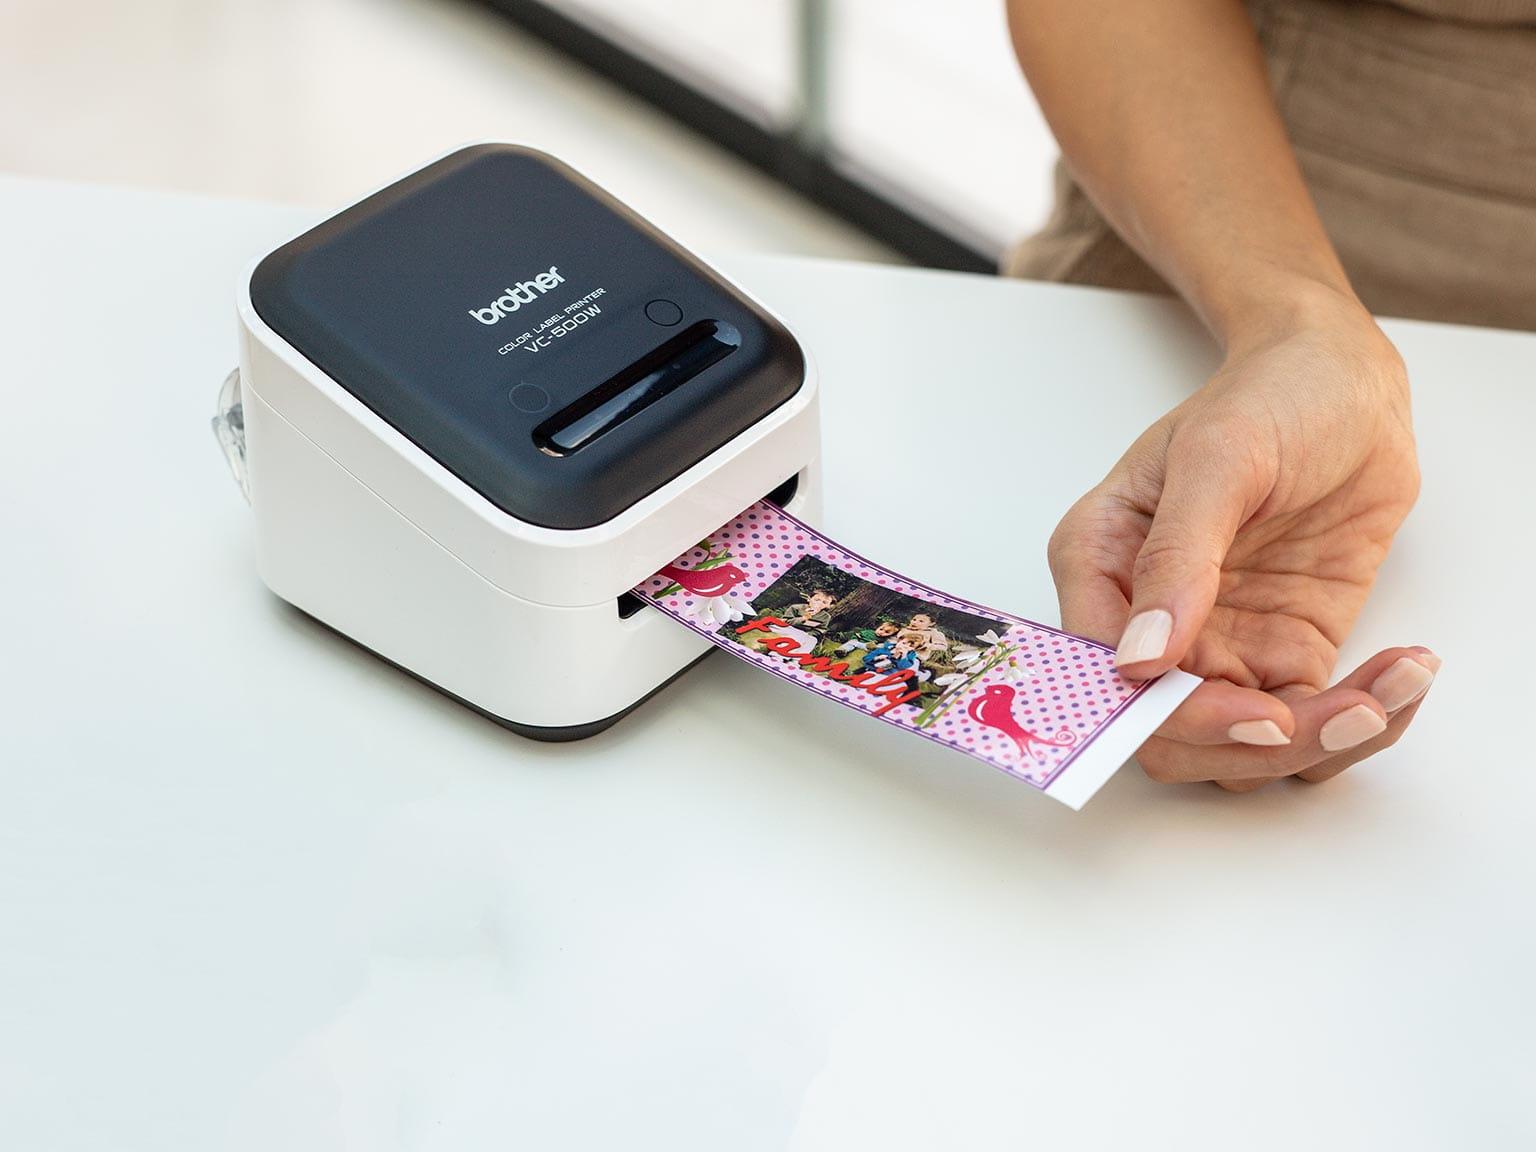 kolorowa drukarka etykiet Brother drukuje szeroką naklejkę z zdjęciem